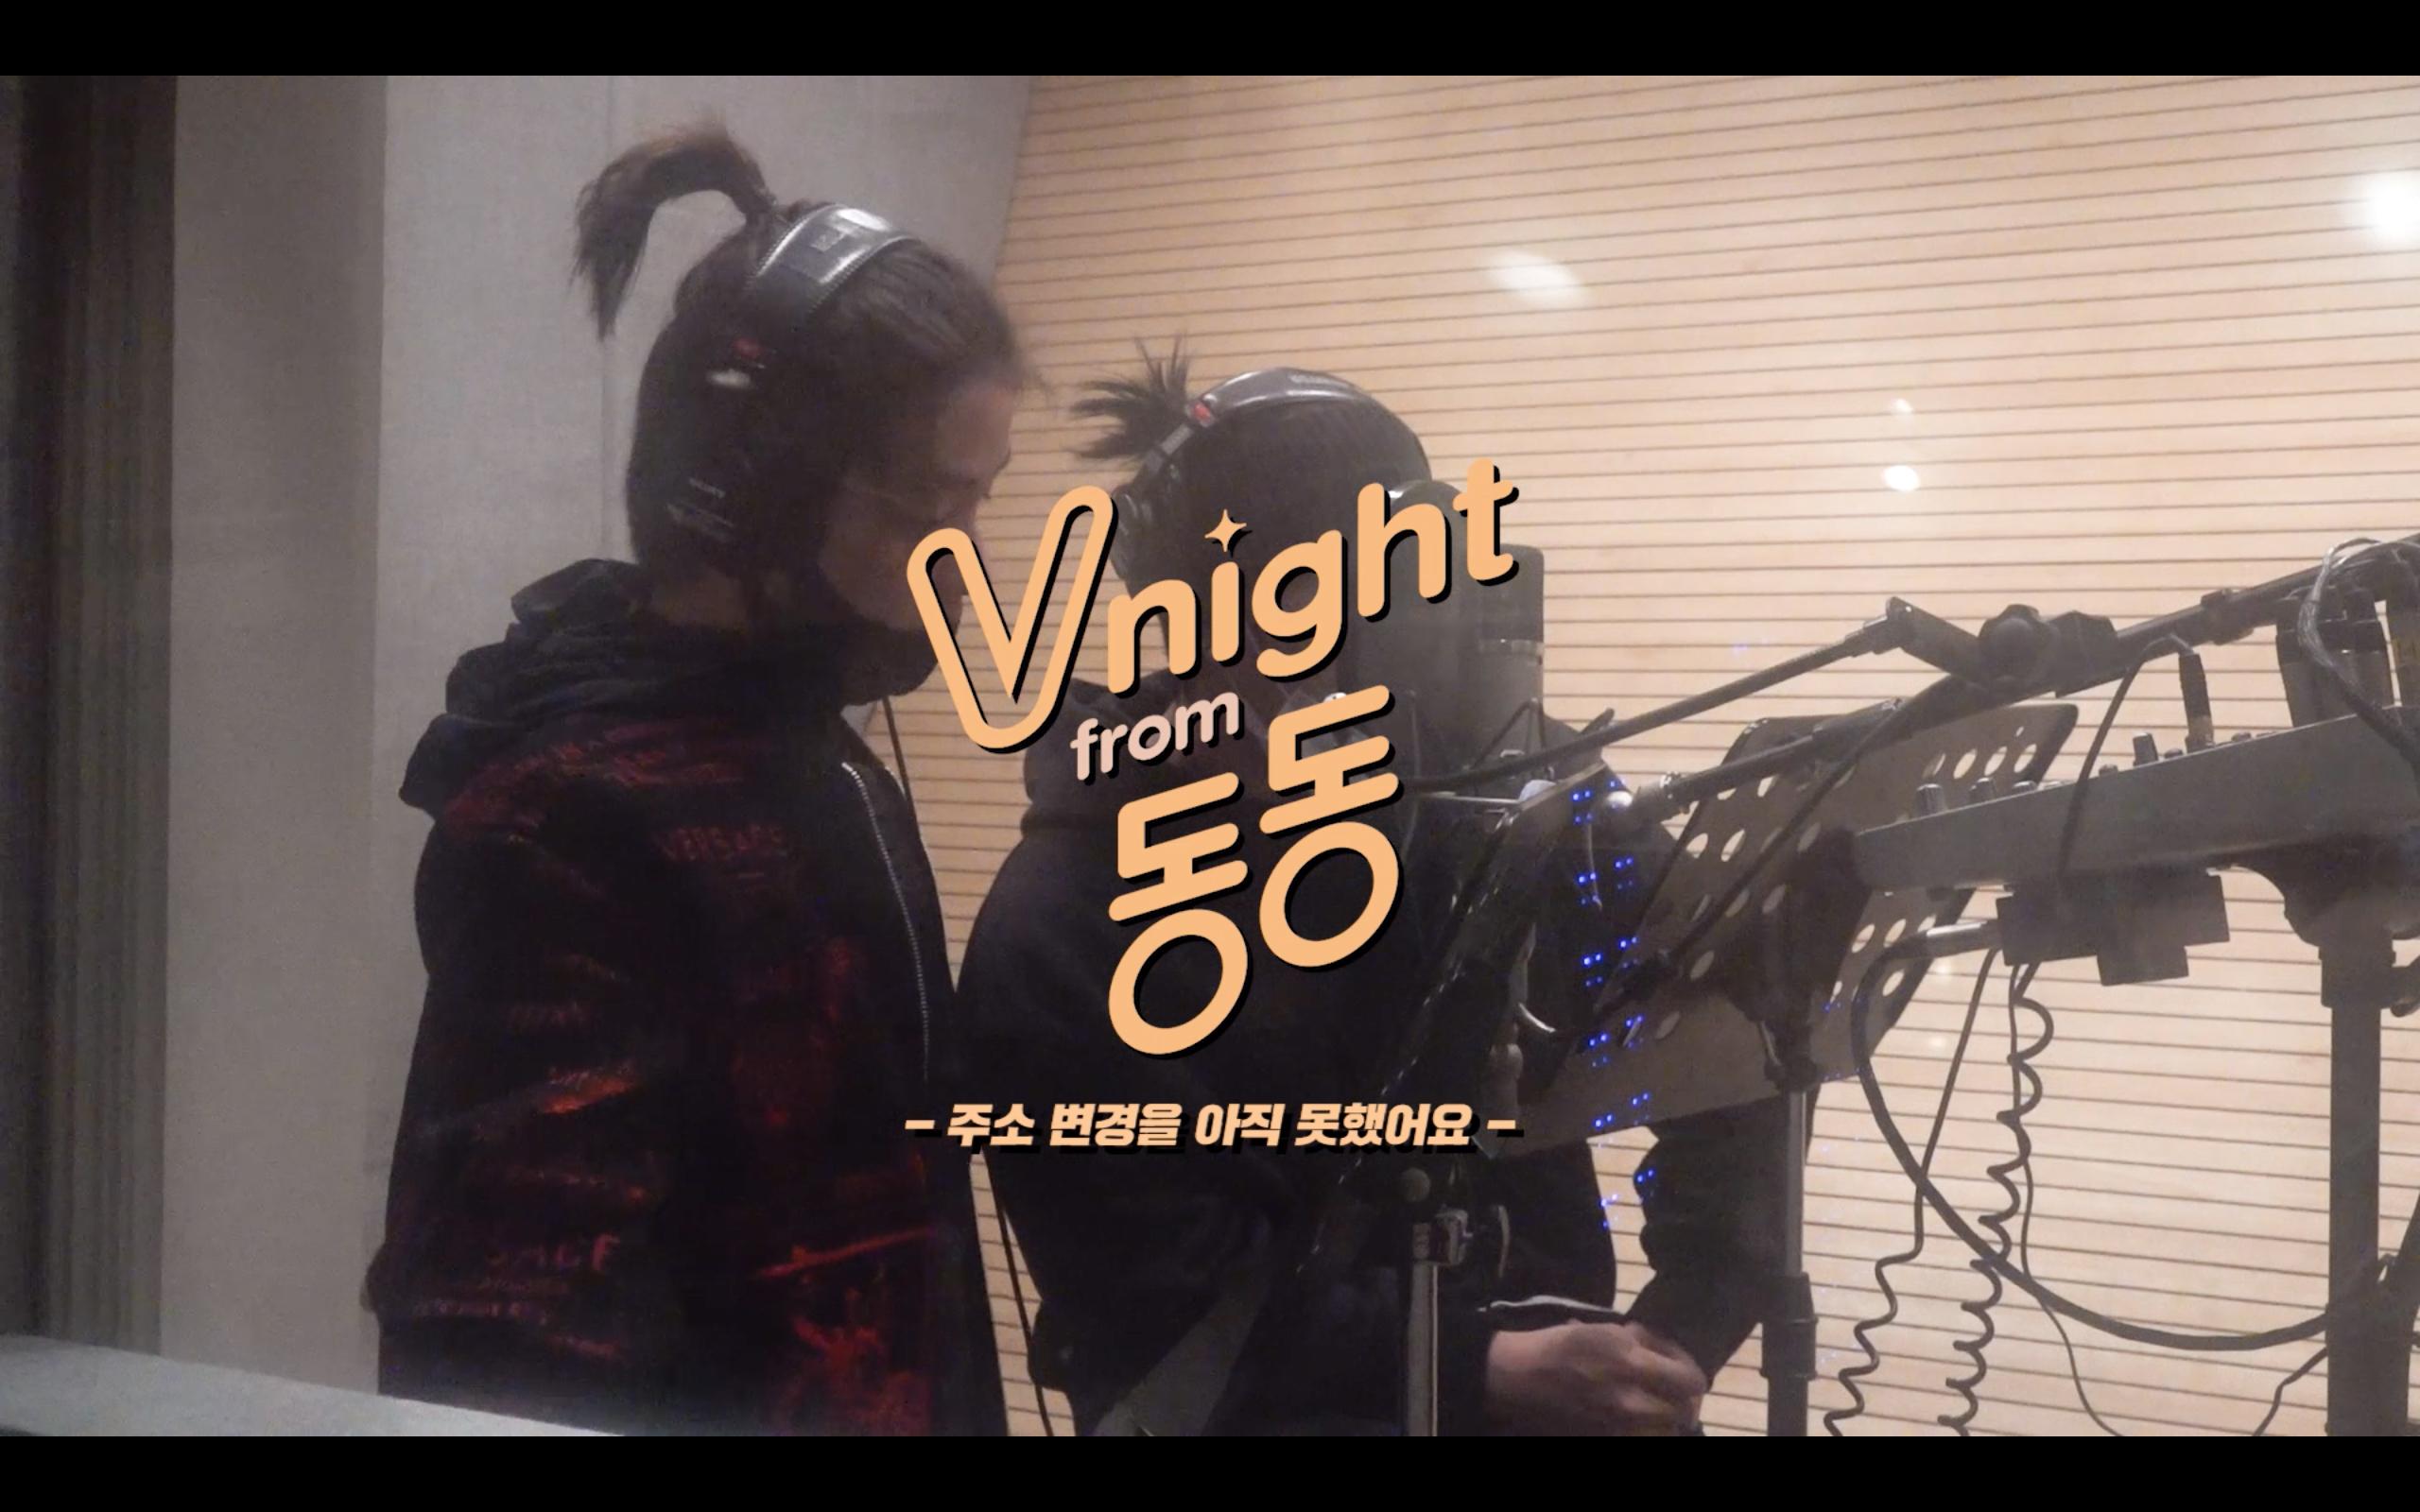 브이나잇 from.동동 (열여덟번째밤) SPECIAL CLiP #1